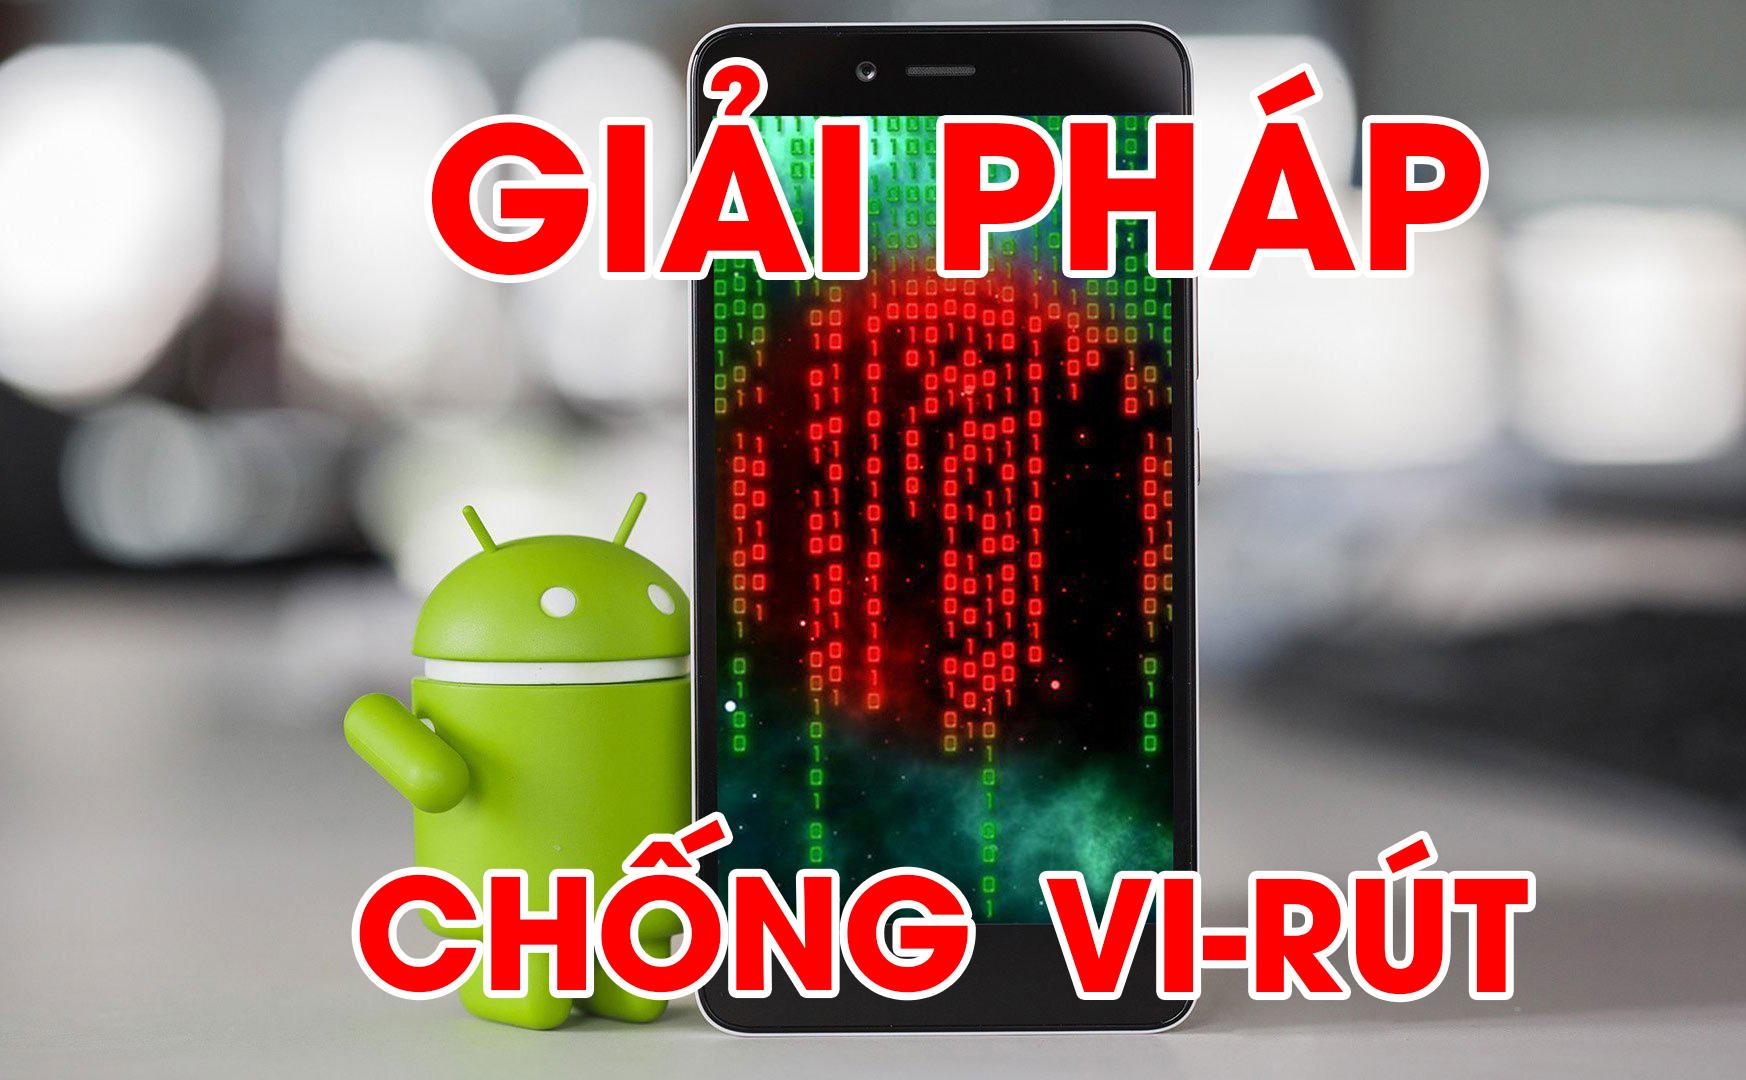 Giải pháp chống vi-rút cho điện thoại thông minh Android